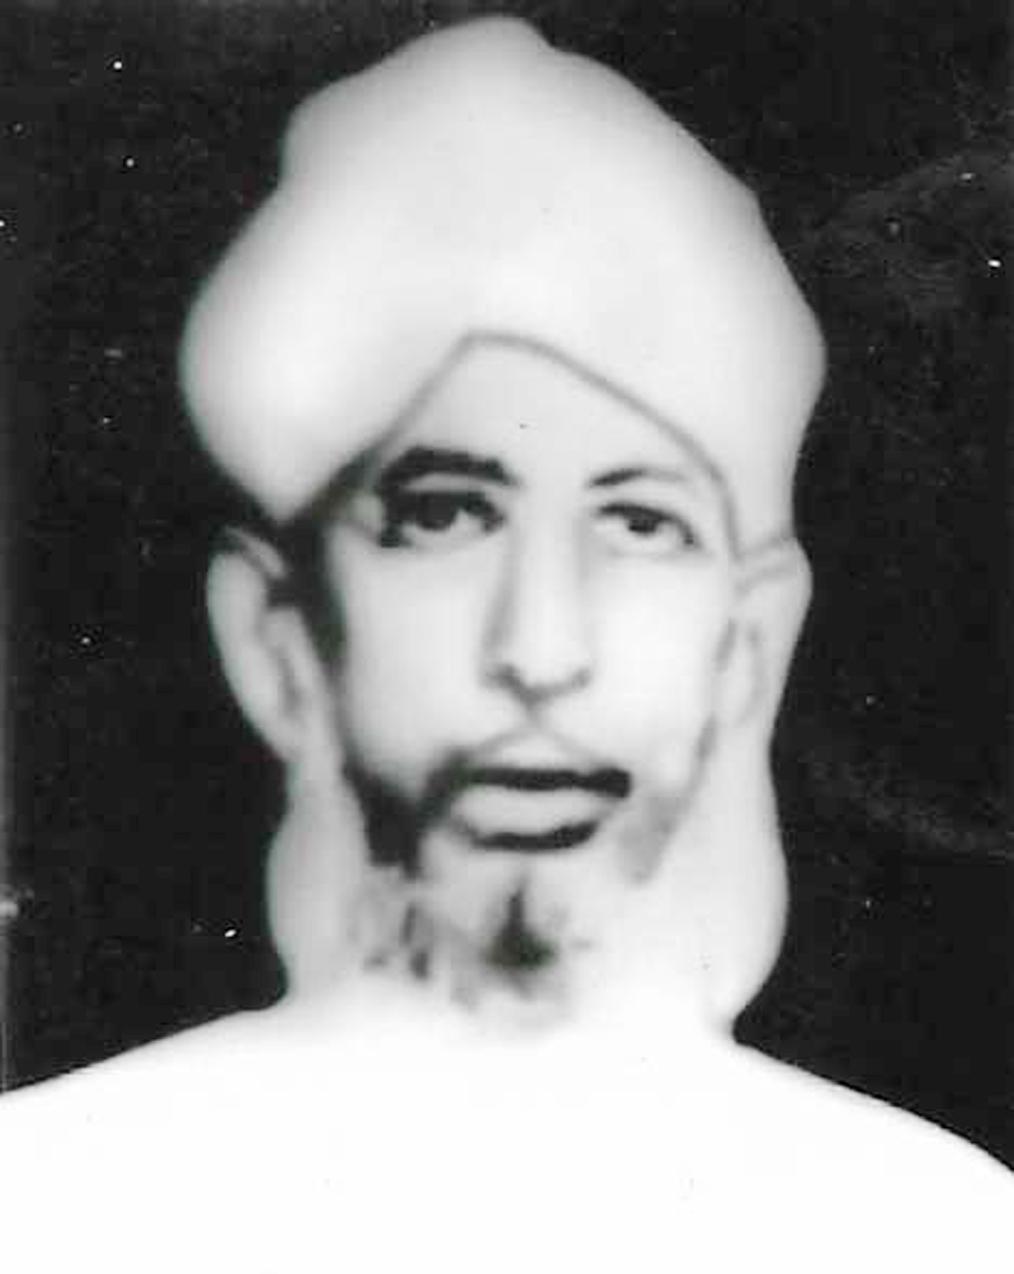 মনিরুজ্জামান ইসলামাবাদীর ৭১তম মৃত্যুবার্ষিকী রবিবার